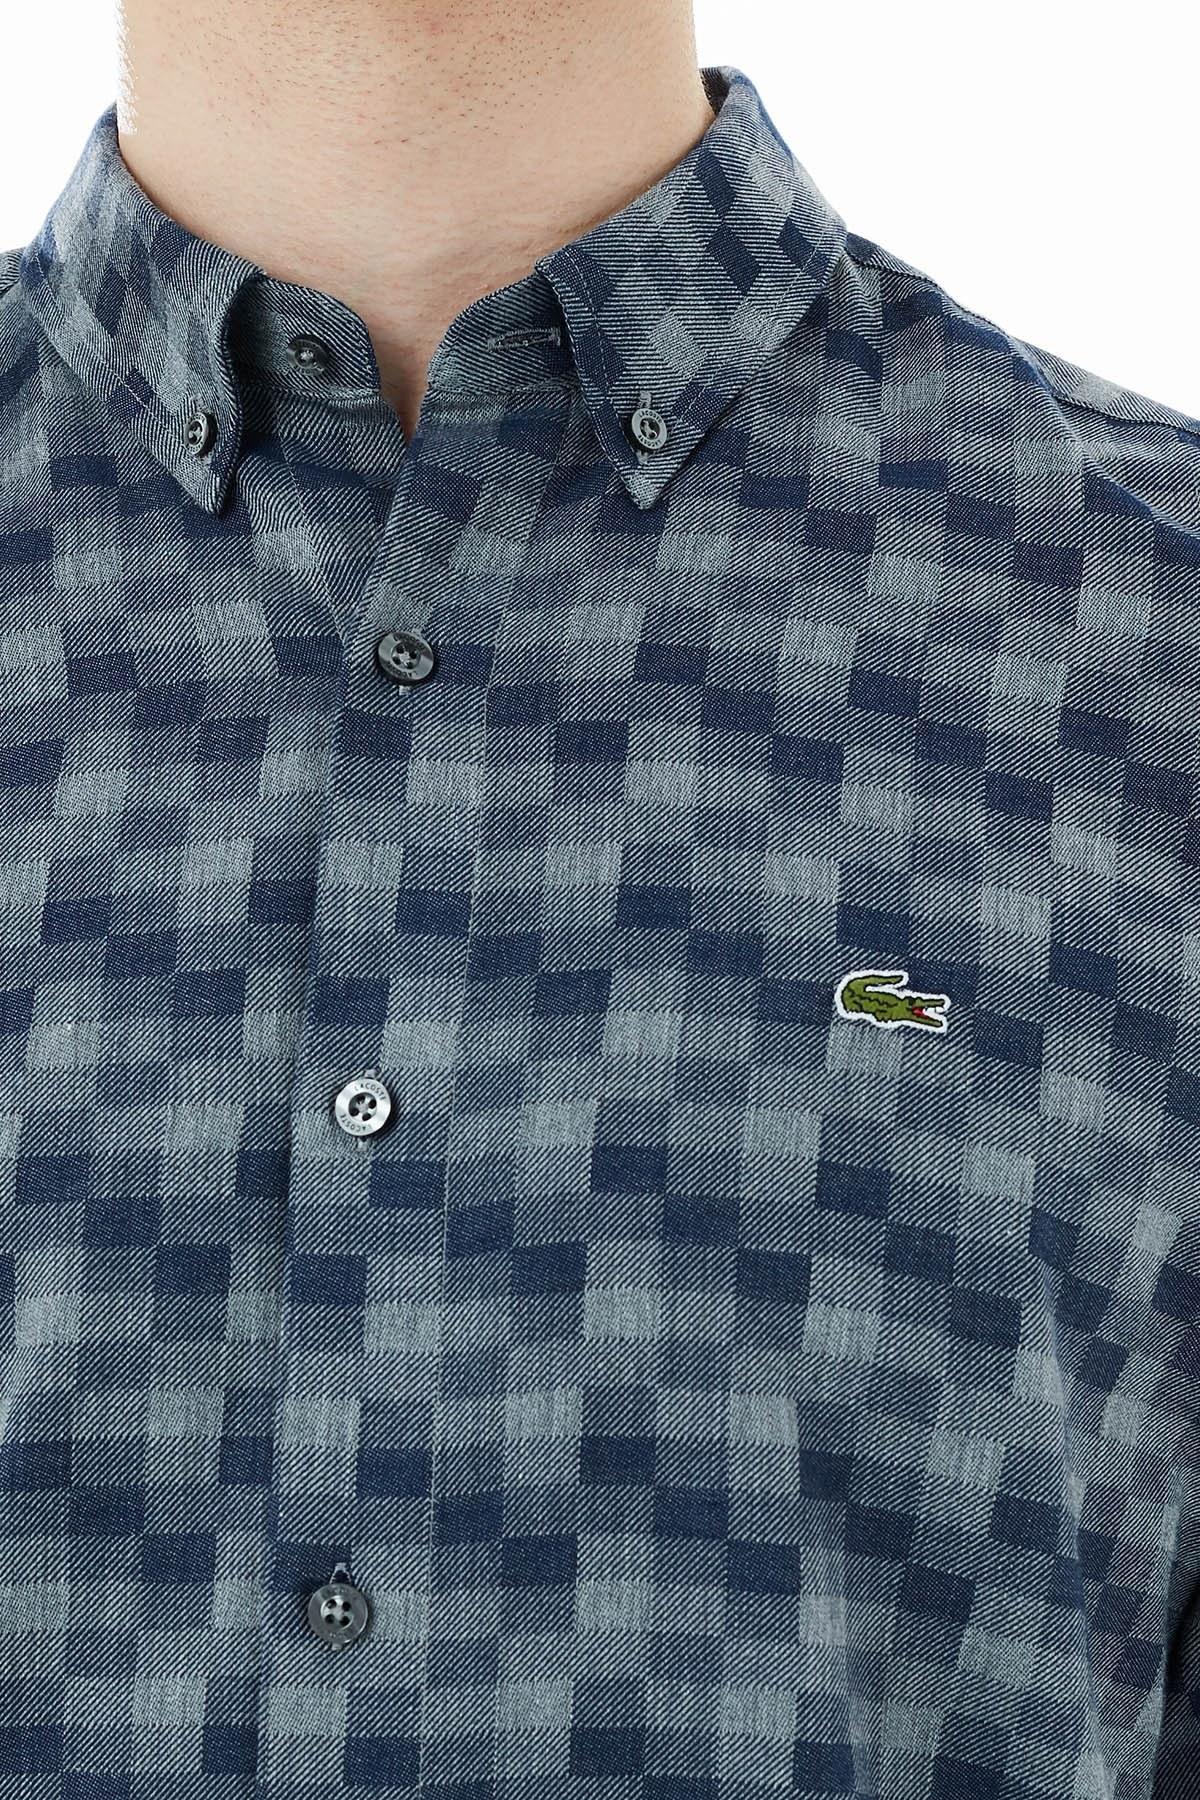 Lacoste Slim Fit Kareli Düğmeli Yaka % 100 Pamuk Erkek Gömlek CH2109 09G LACİVERT